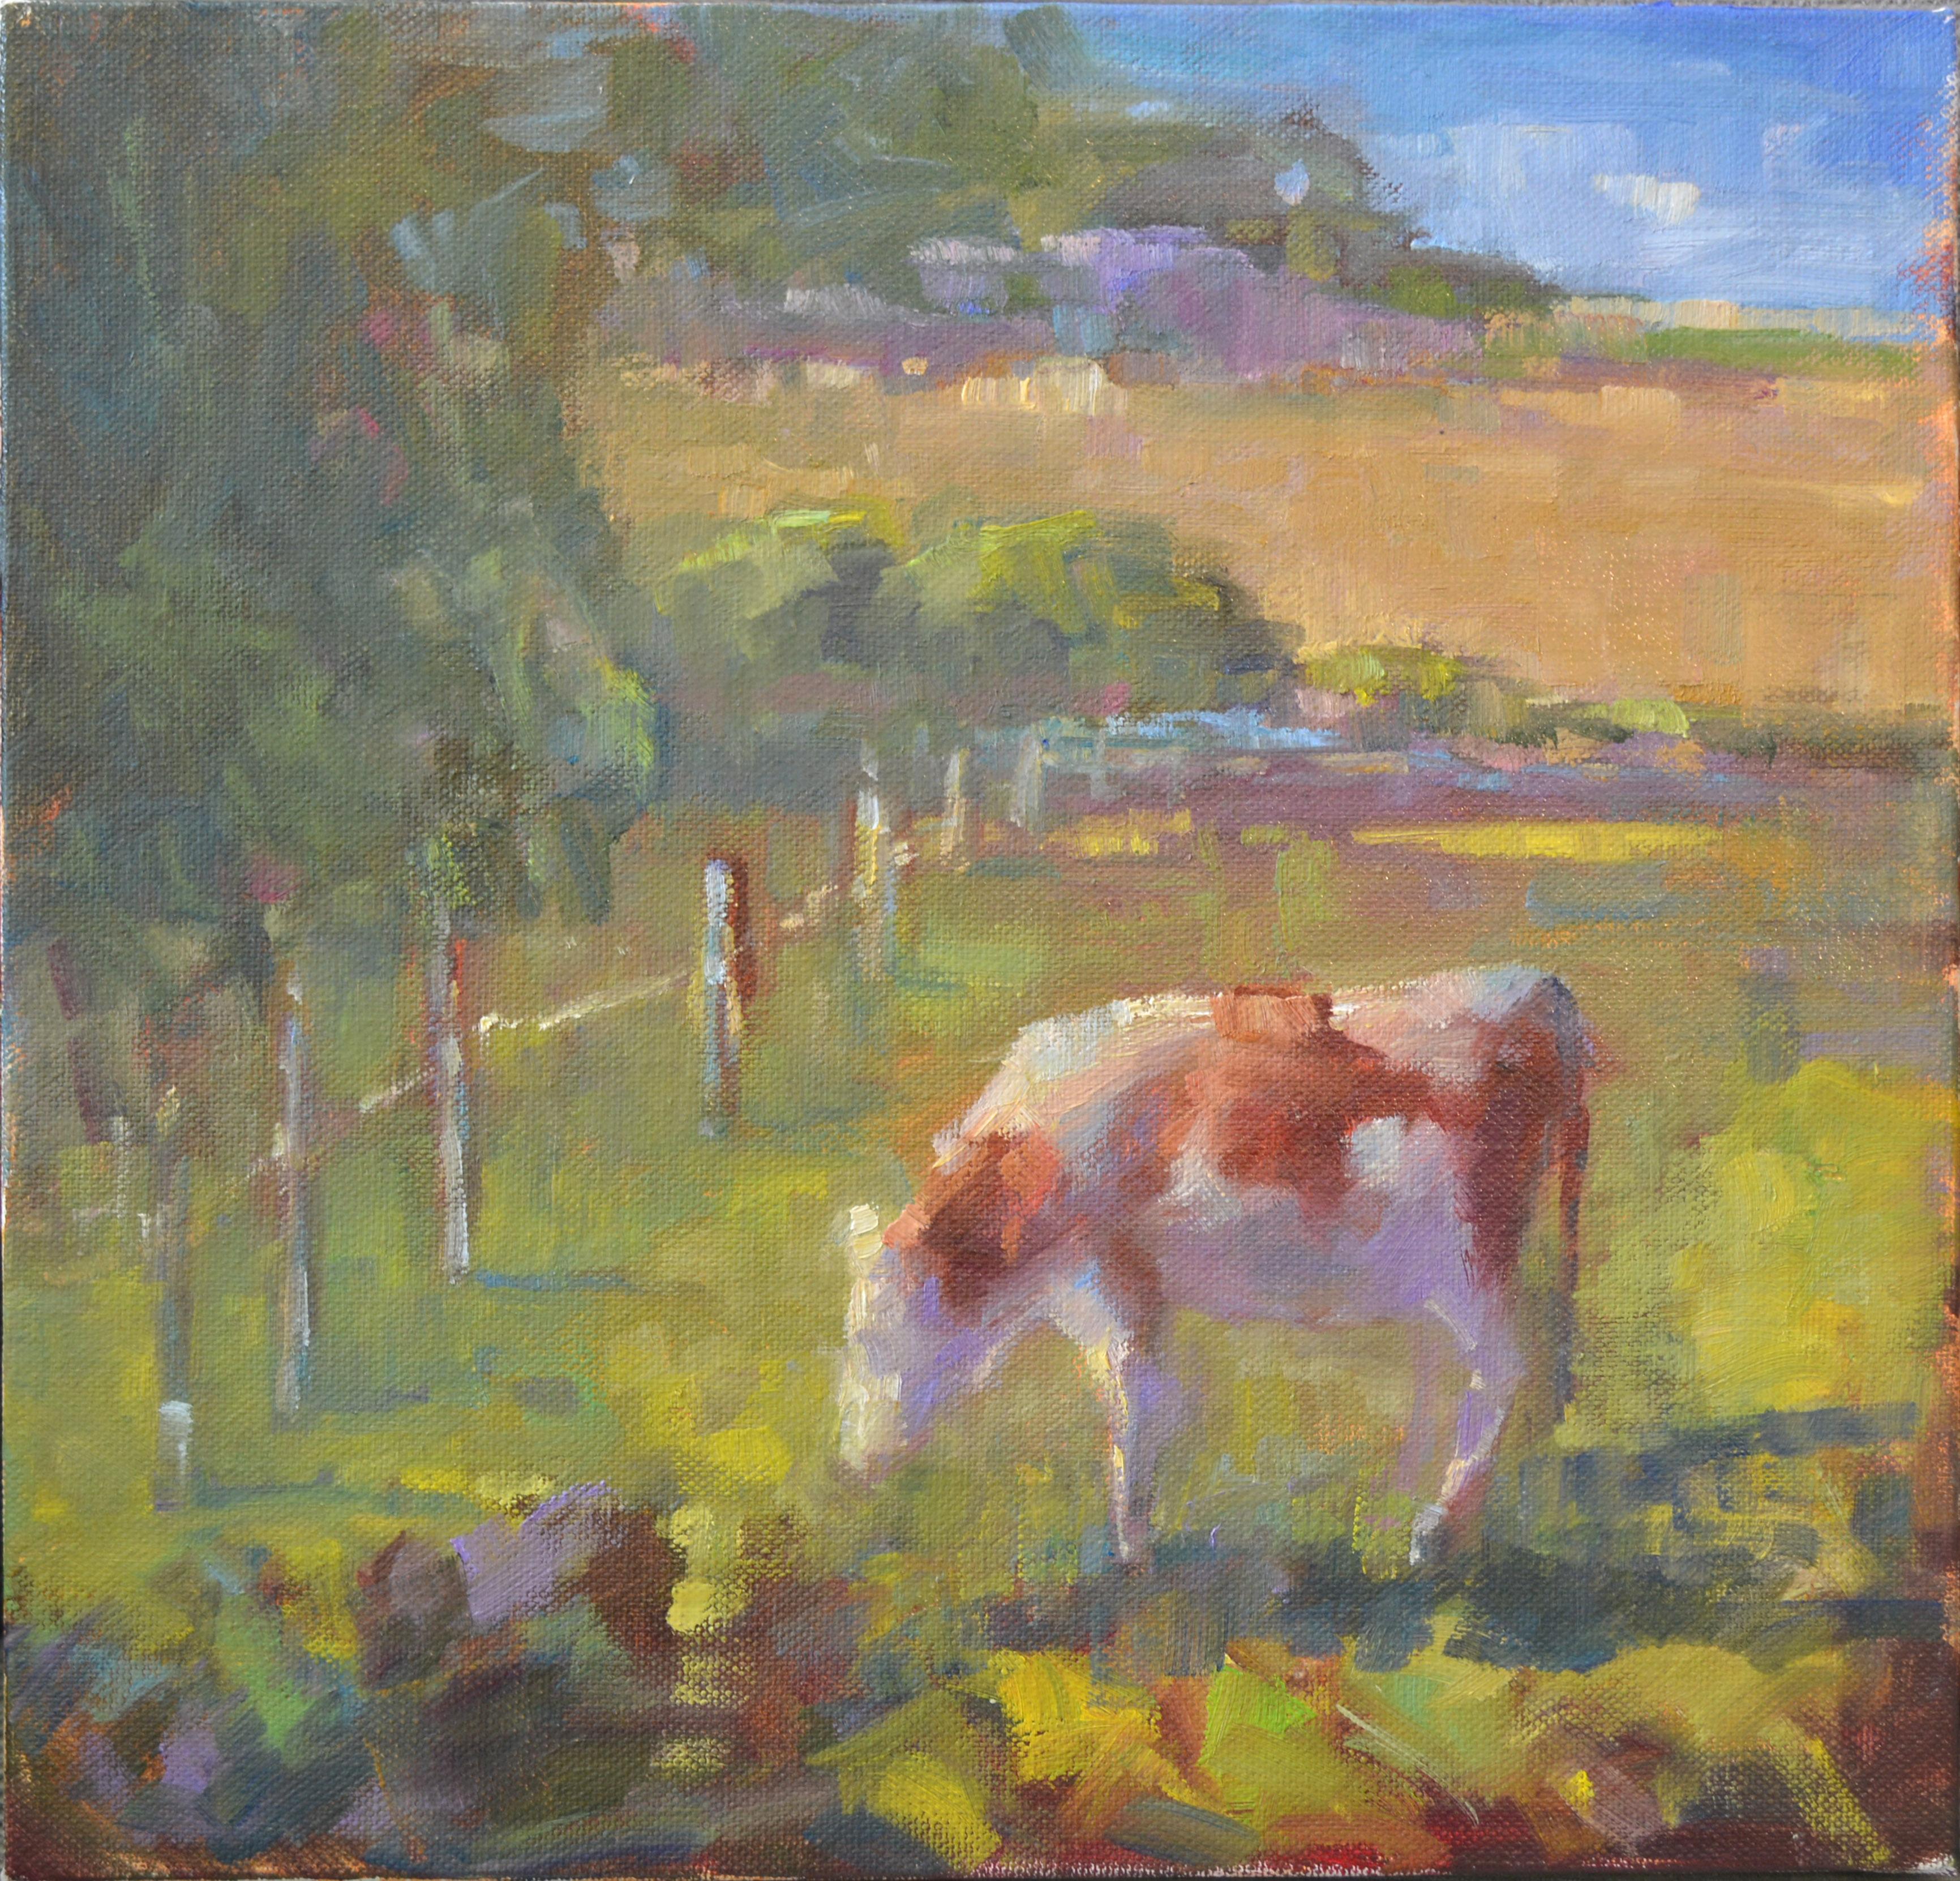 Grazing in The Sunlight by Karen Hewitt Hagan